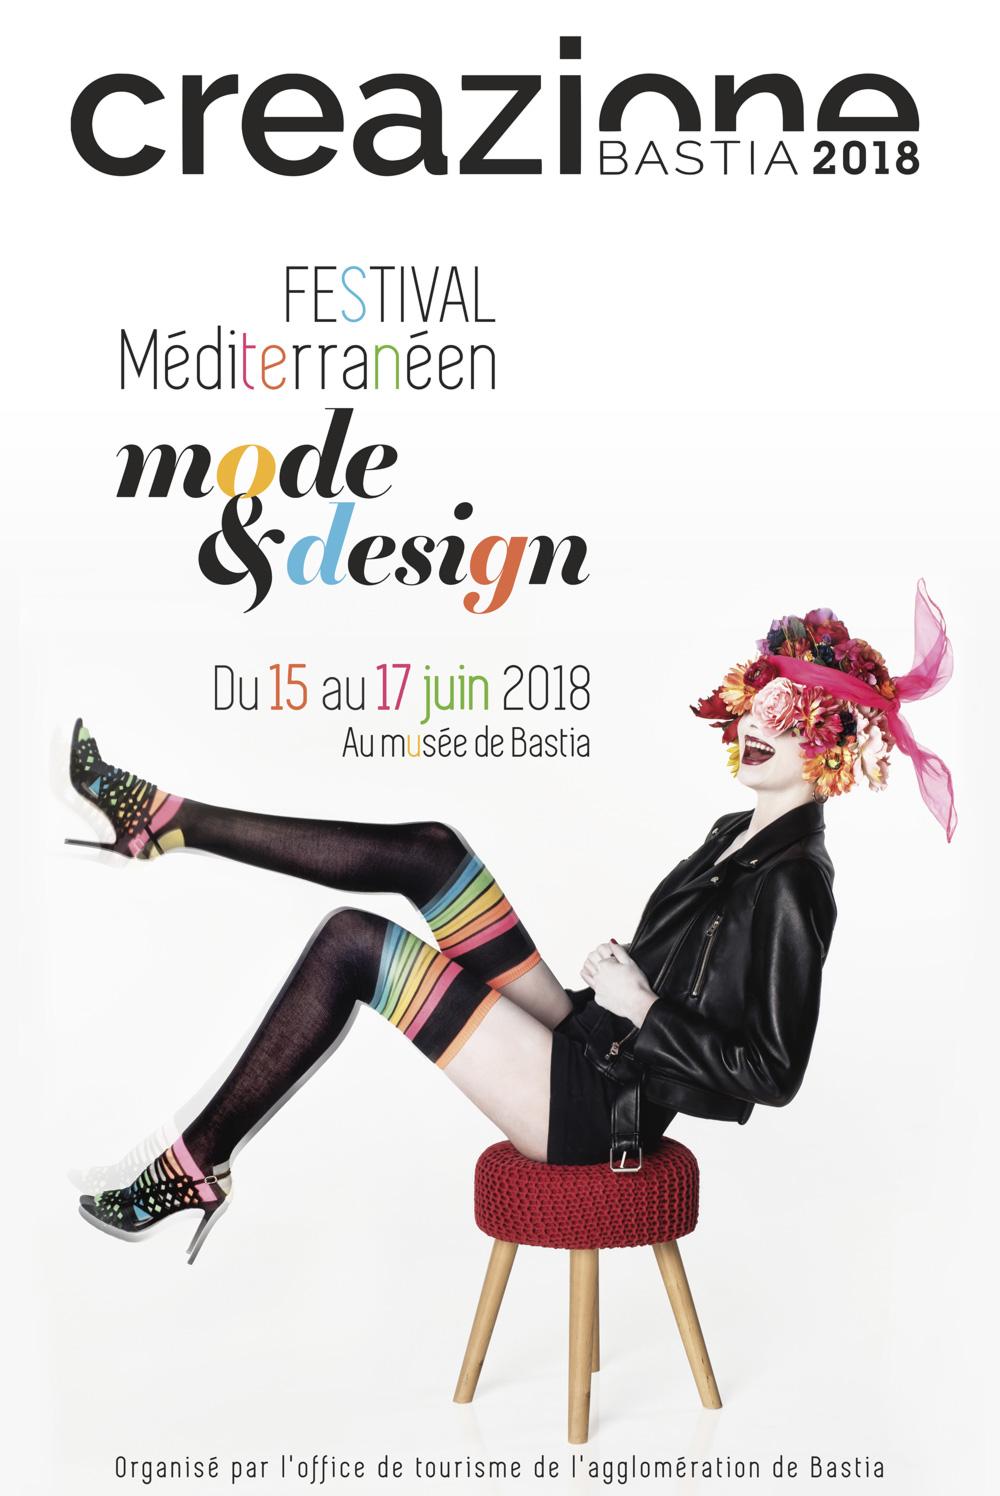 CREAZIONE-bastia-2018-affiche